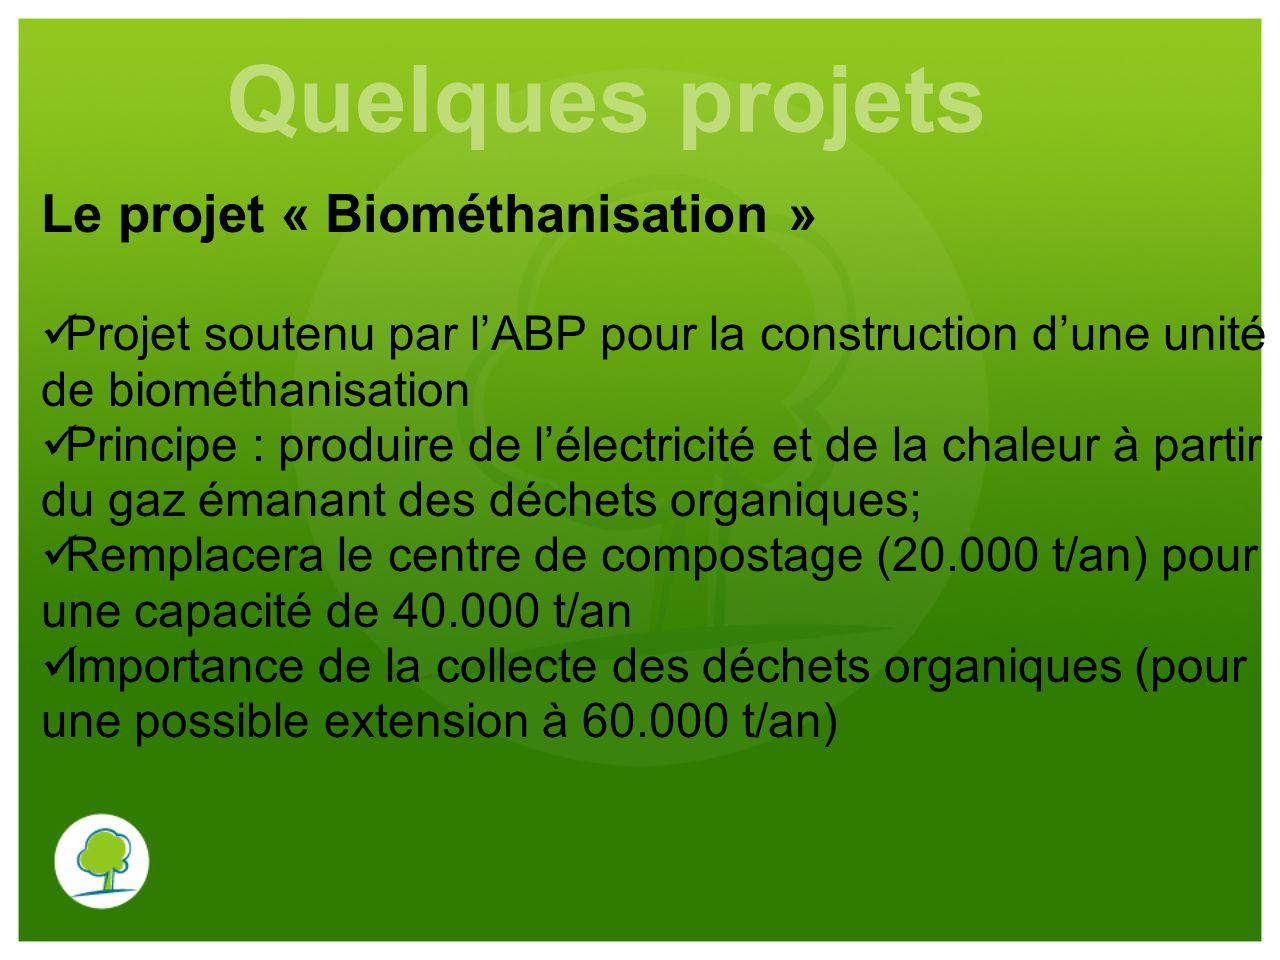 Le projet « Biométhanisation » Projet soutenu par l'ABP pour la construction d'une unité de biométhanisation Principe : produire de l'électricité et d